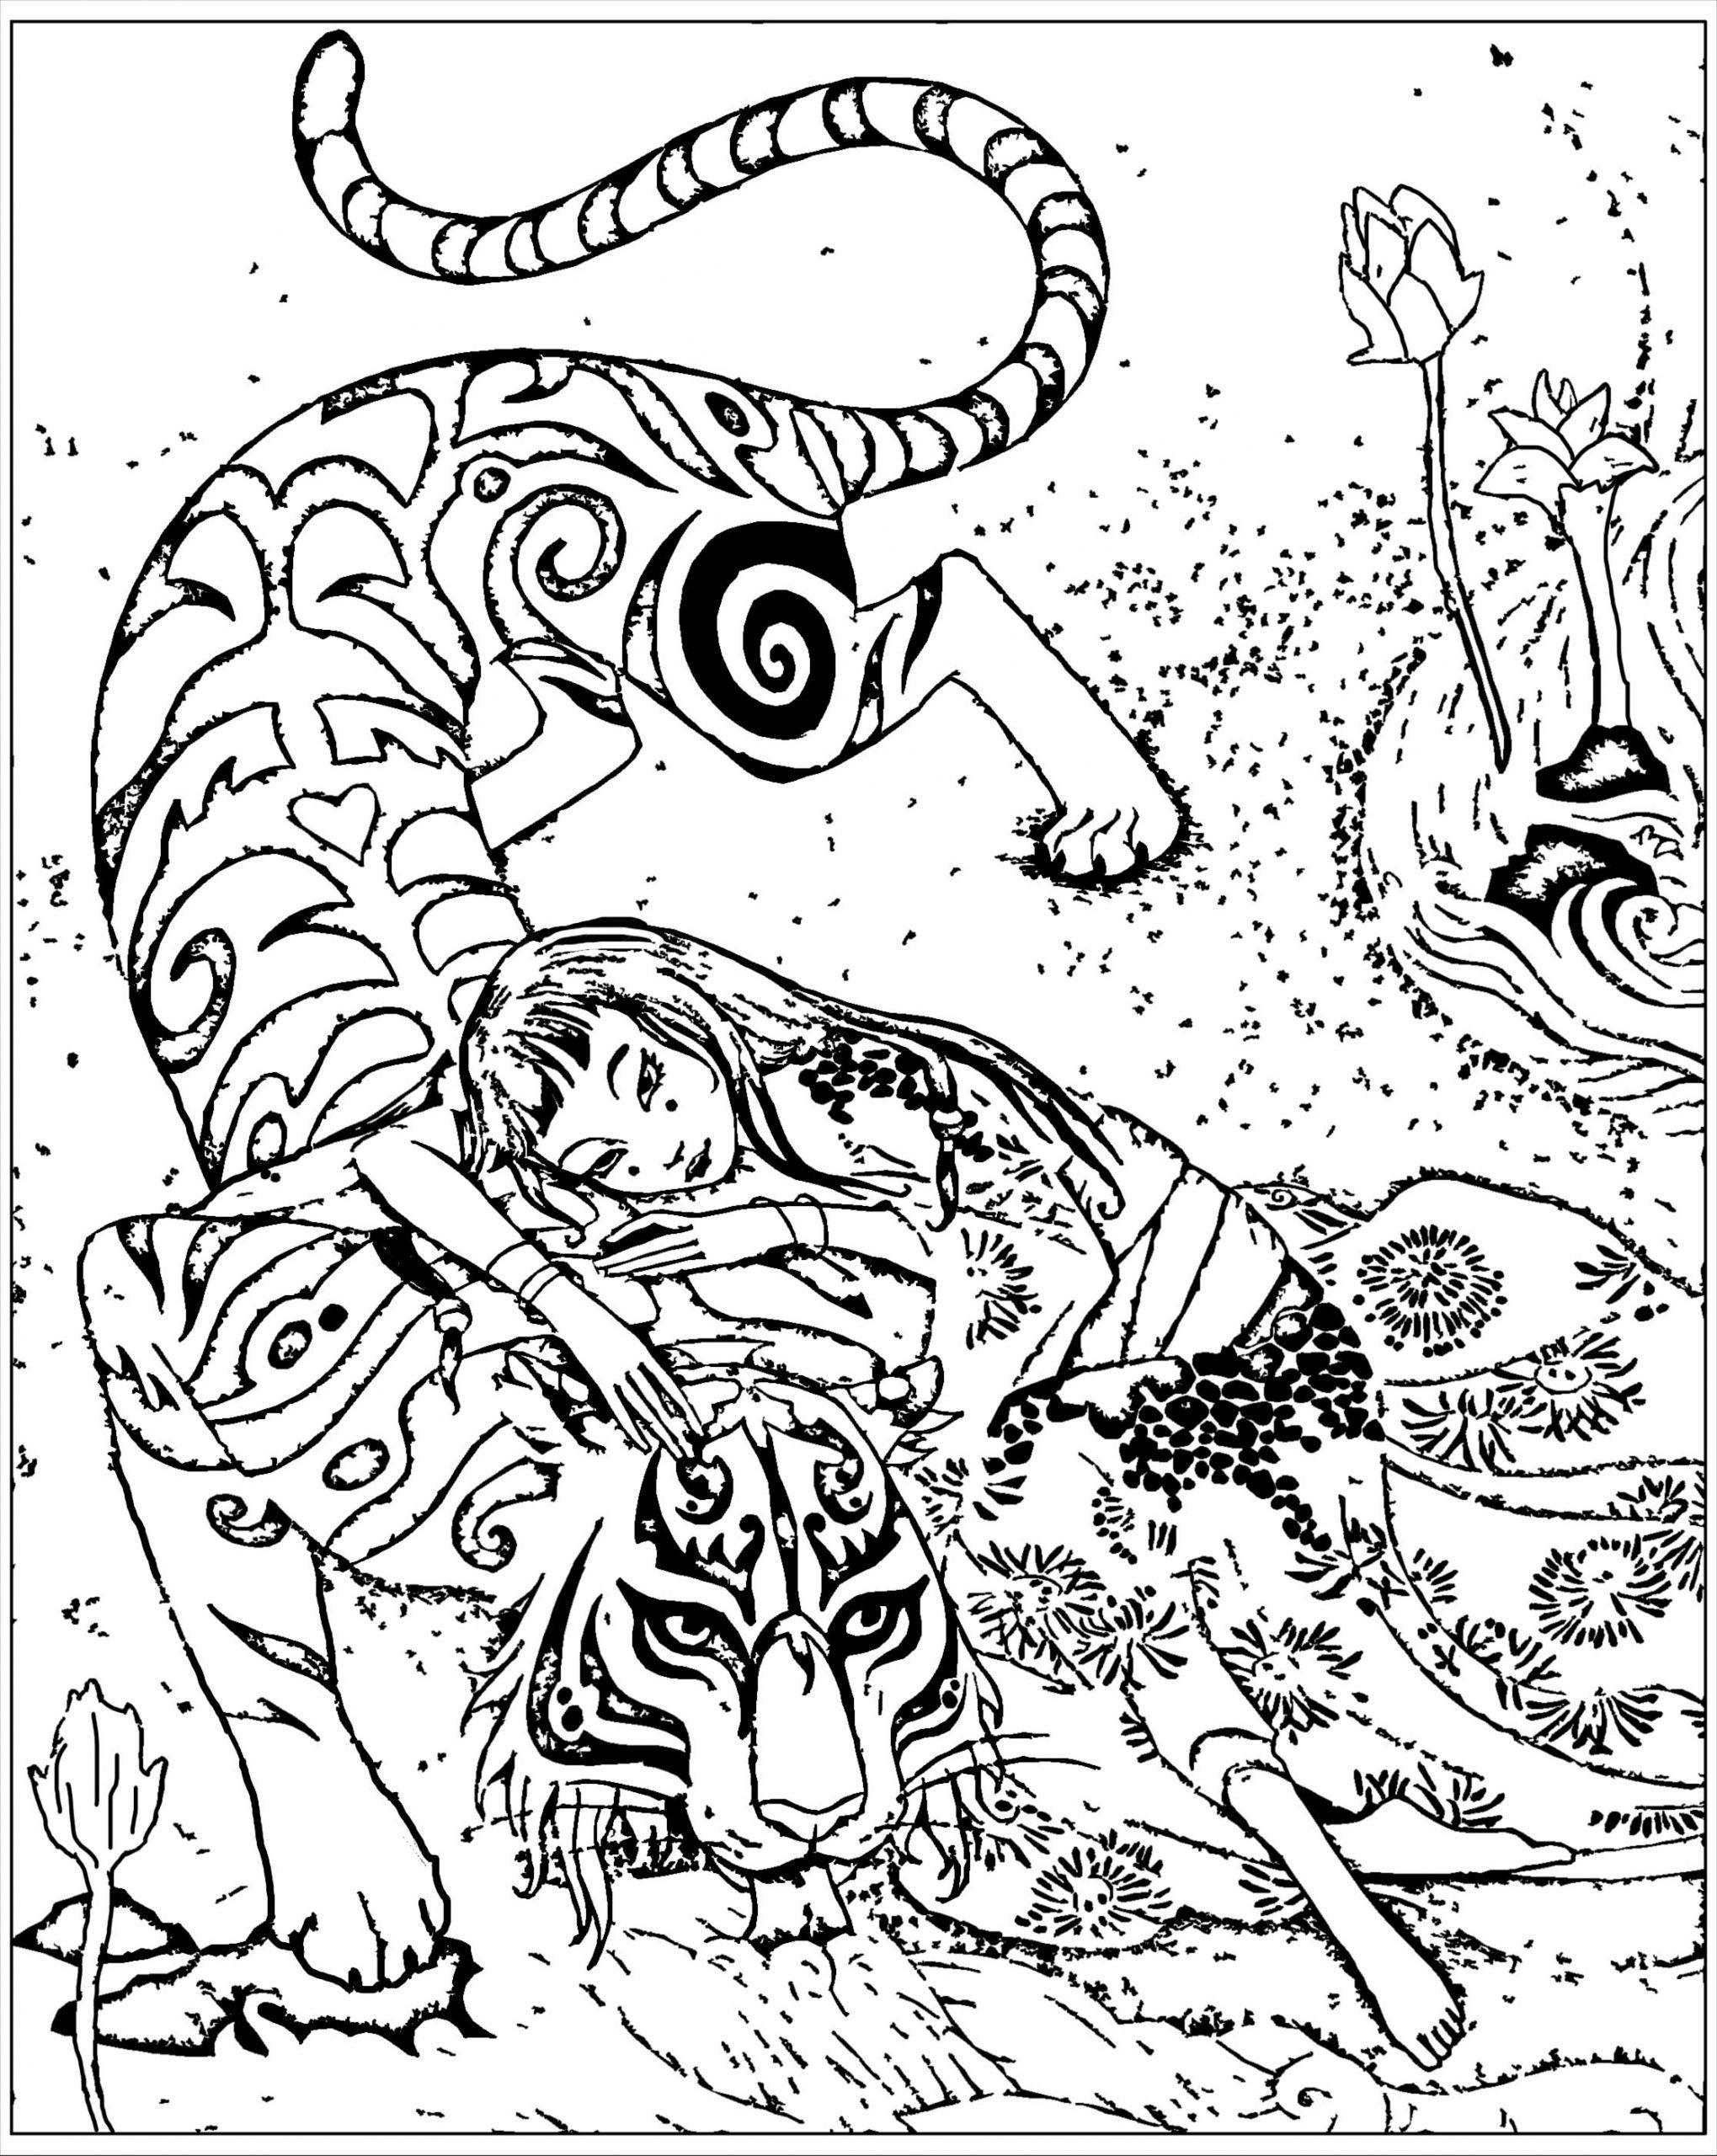 Pour Chine Inspire Livre Tigre Le Devoue De Qifeng Shen destiné Livre De Coloriage À Imprimer